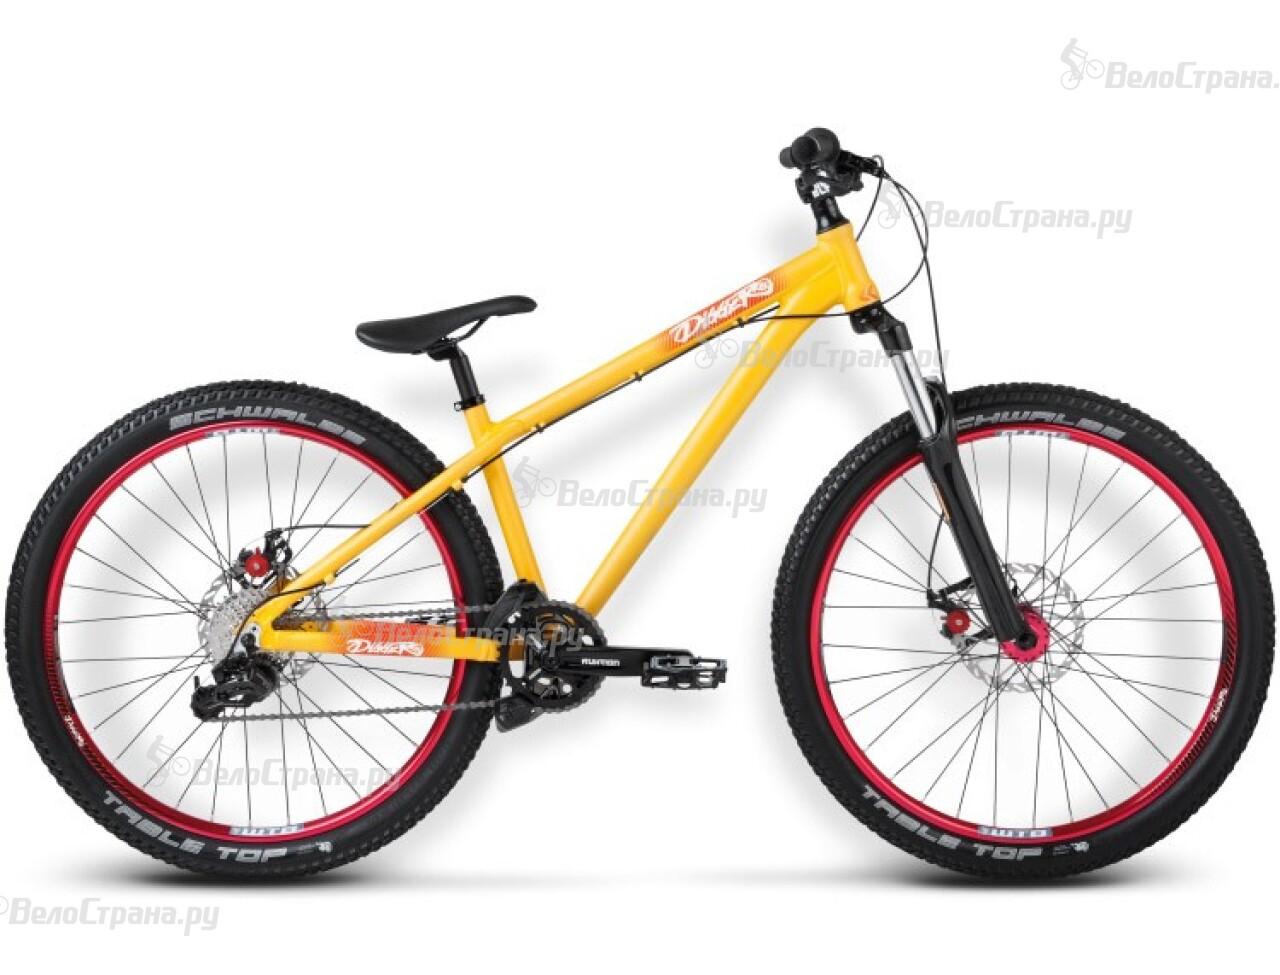 купить Велосипед Kross Digger (2015) недорого